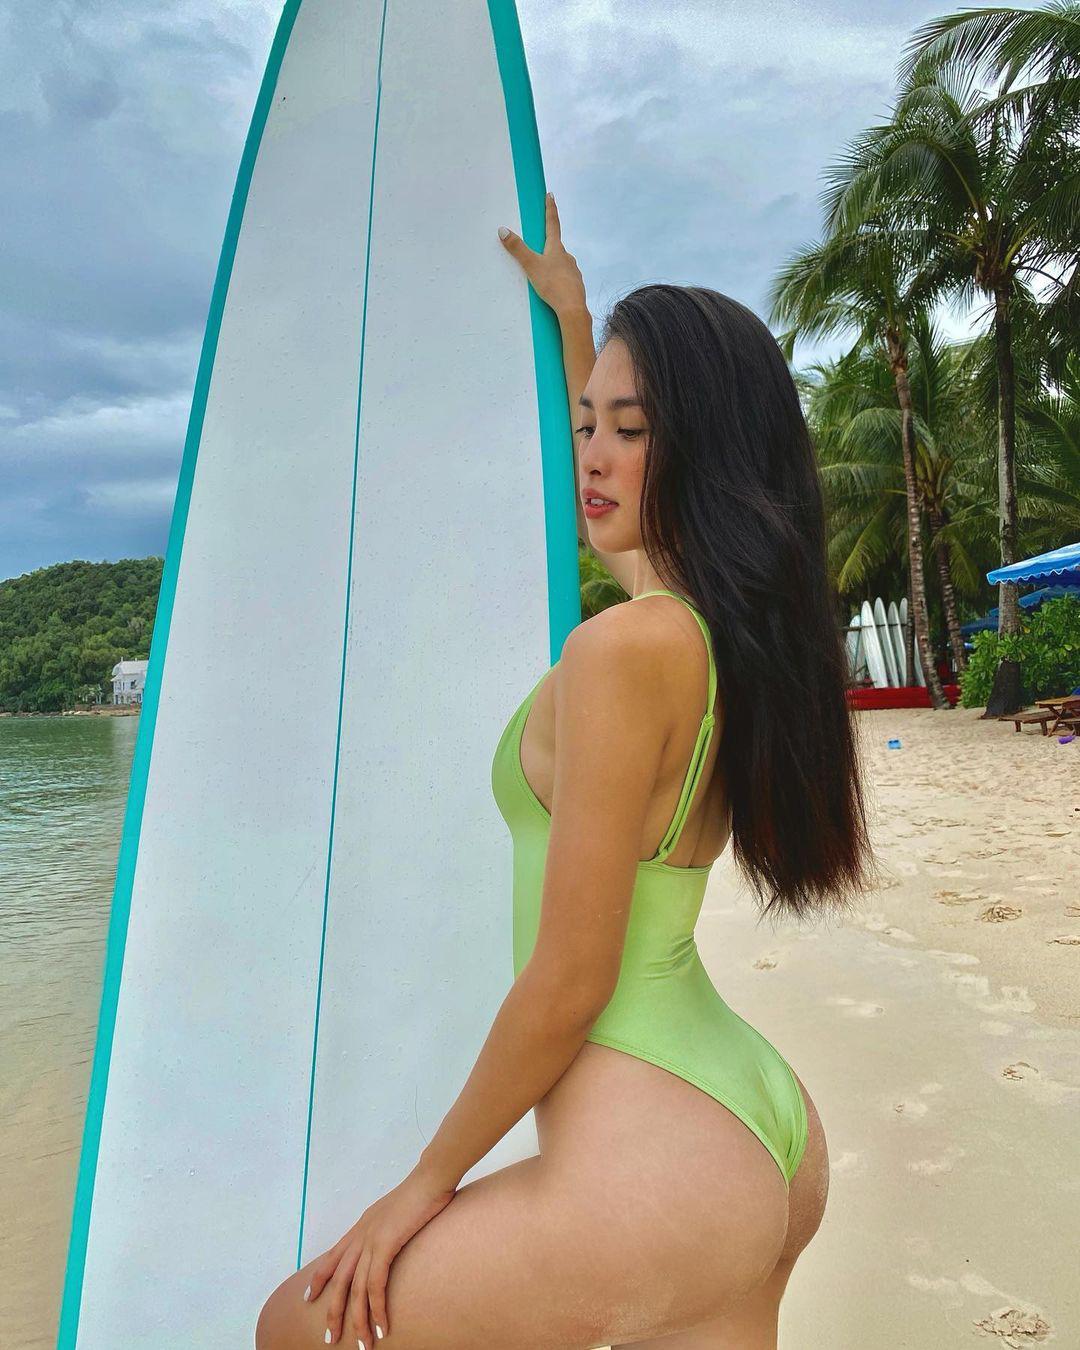 Instagram look của sao Việt tuần qua: Ngọc Trinh diện crop top cài đúng 1 chiếc khuy, 3 mỹ nhân khoe dáng với bikini cực gắt - Ảnh 9.